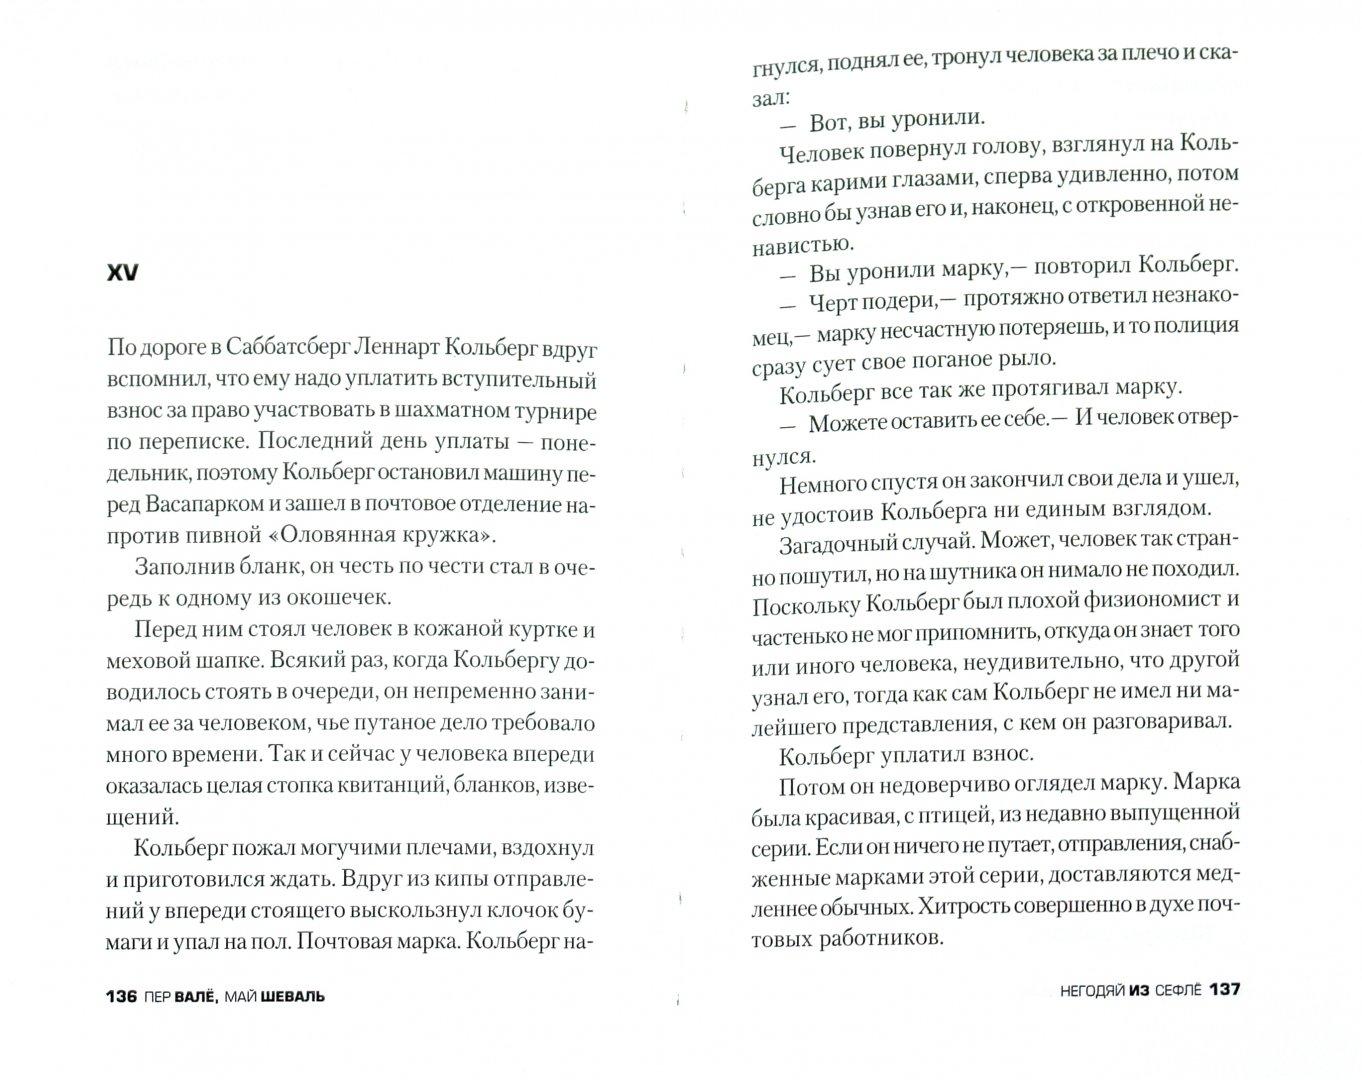 Иллюстрация 1 из 14 для Негодяй из Сефлё - Валё, Шеваль   Лабиринт - книги. Источник: Лабиринт